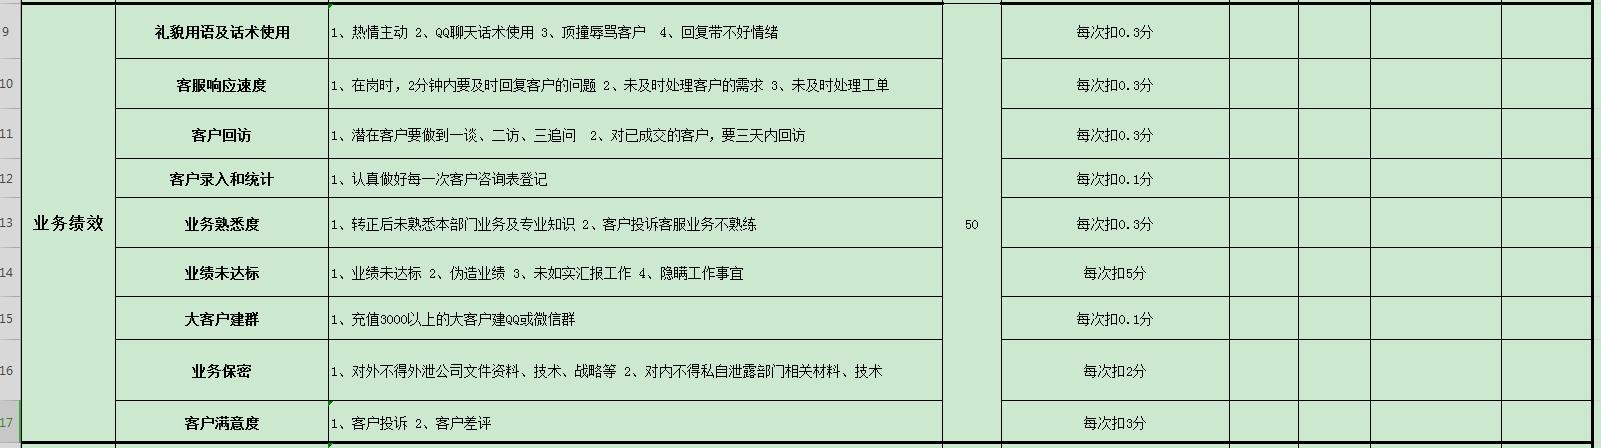 松松客服KPI绩效考核表经验分享 思考 站长 自媒体 经验心得 第4张